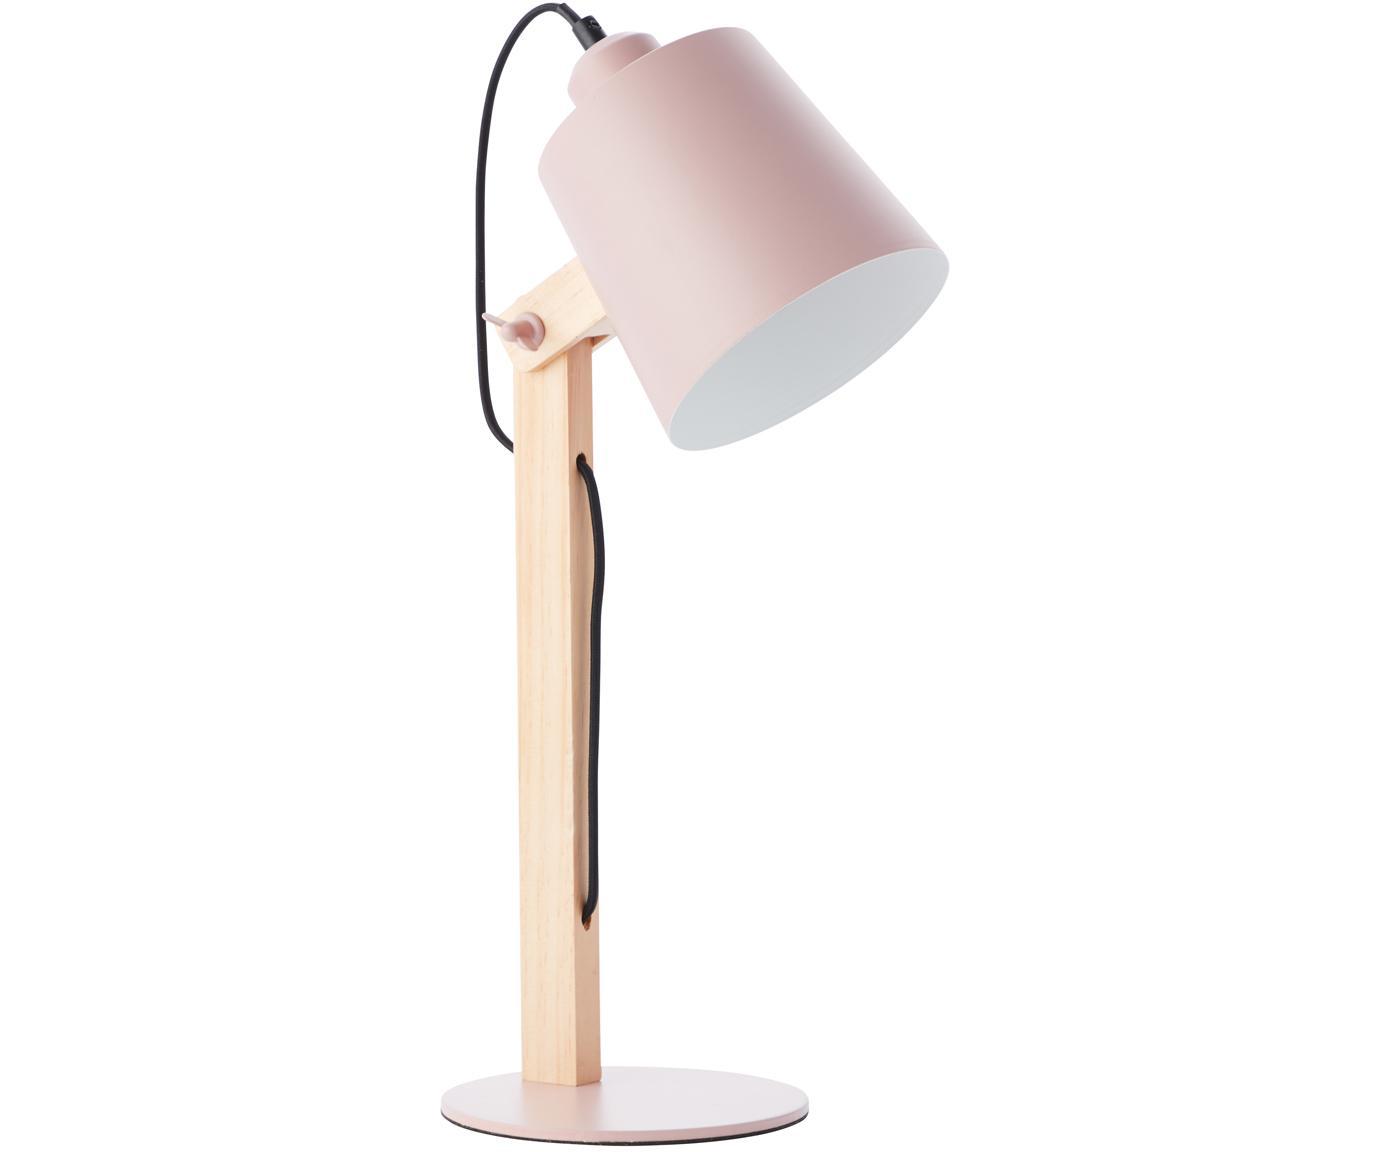 Bureaulamp Swivel, Metaal, hout, Roze, houtkleurig, 16 x 52 cm